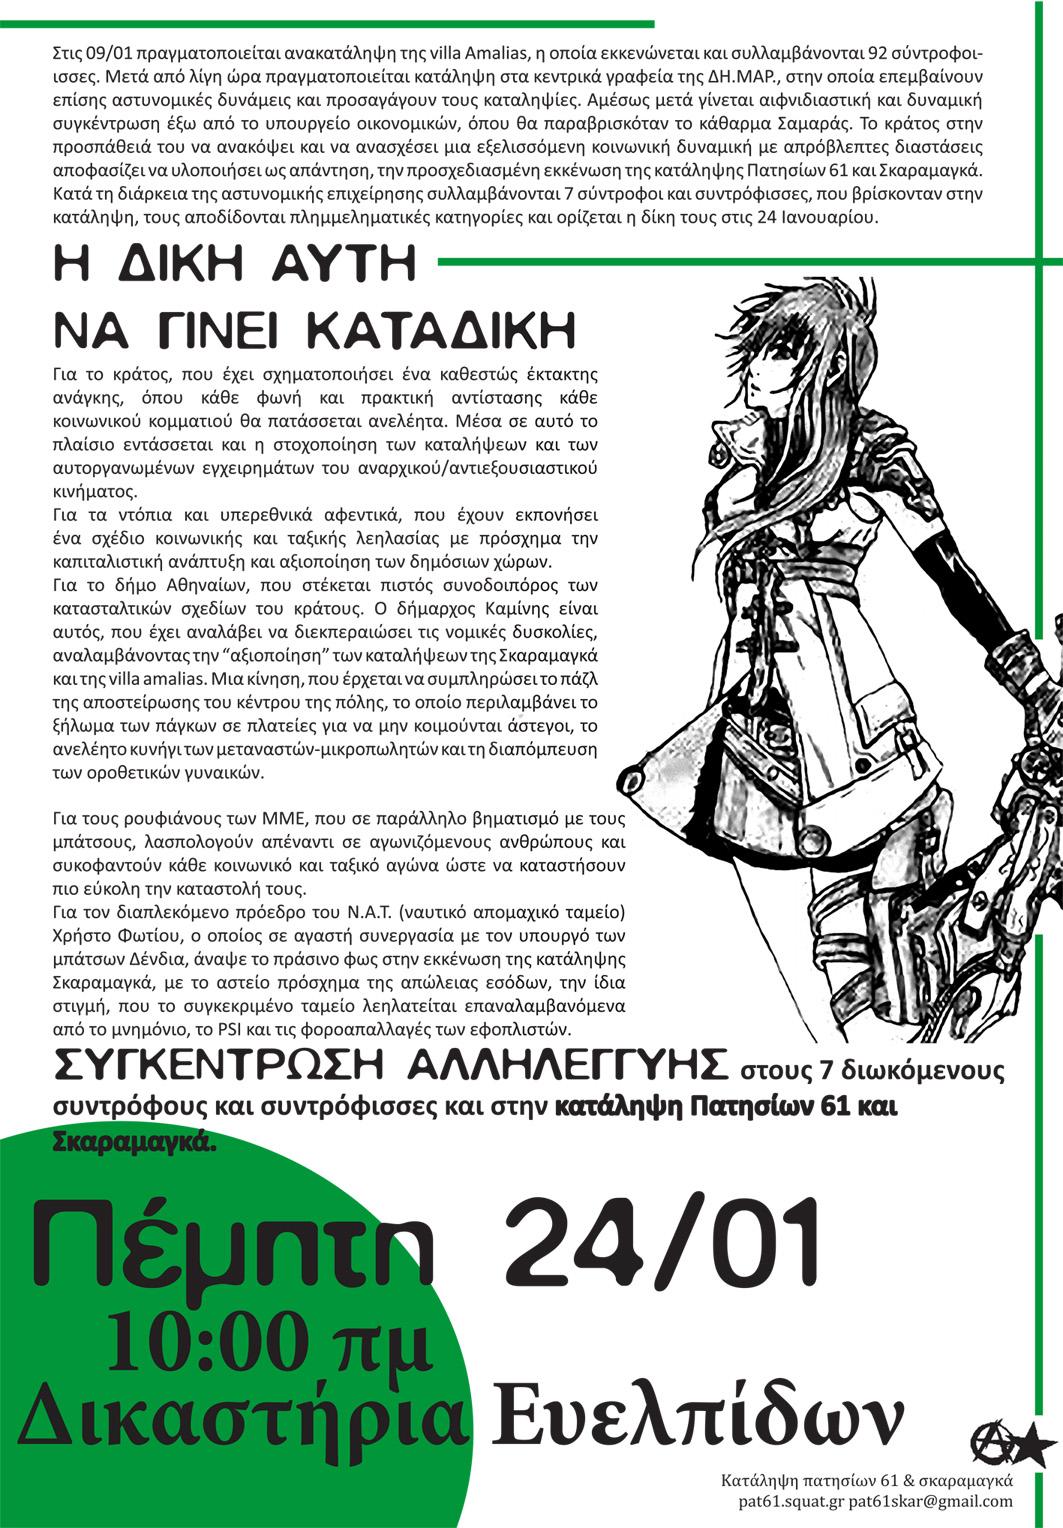 http://pat61.squat.gr/files/2013/01/ska_dik_ekkenosi_afisa.jpg